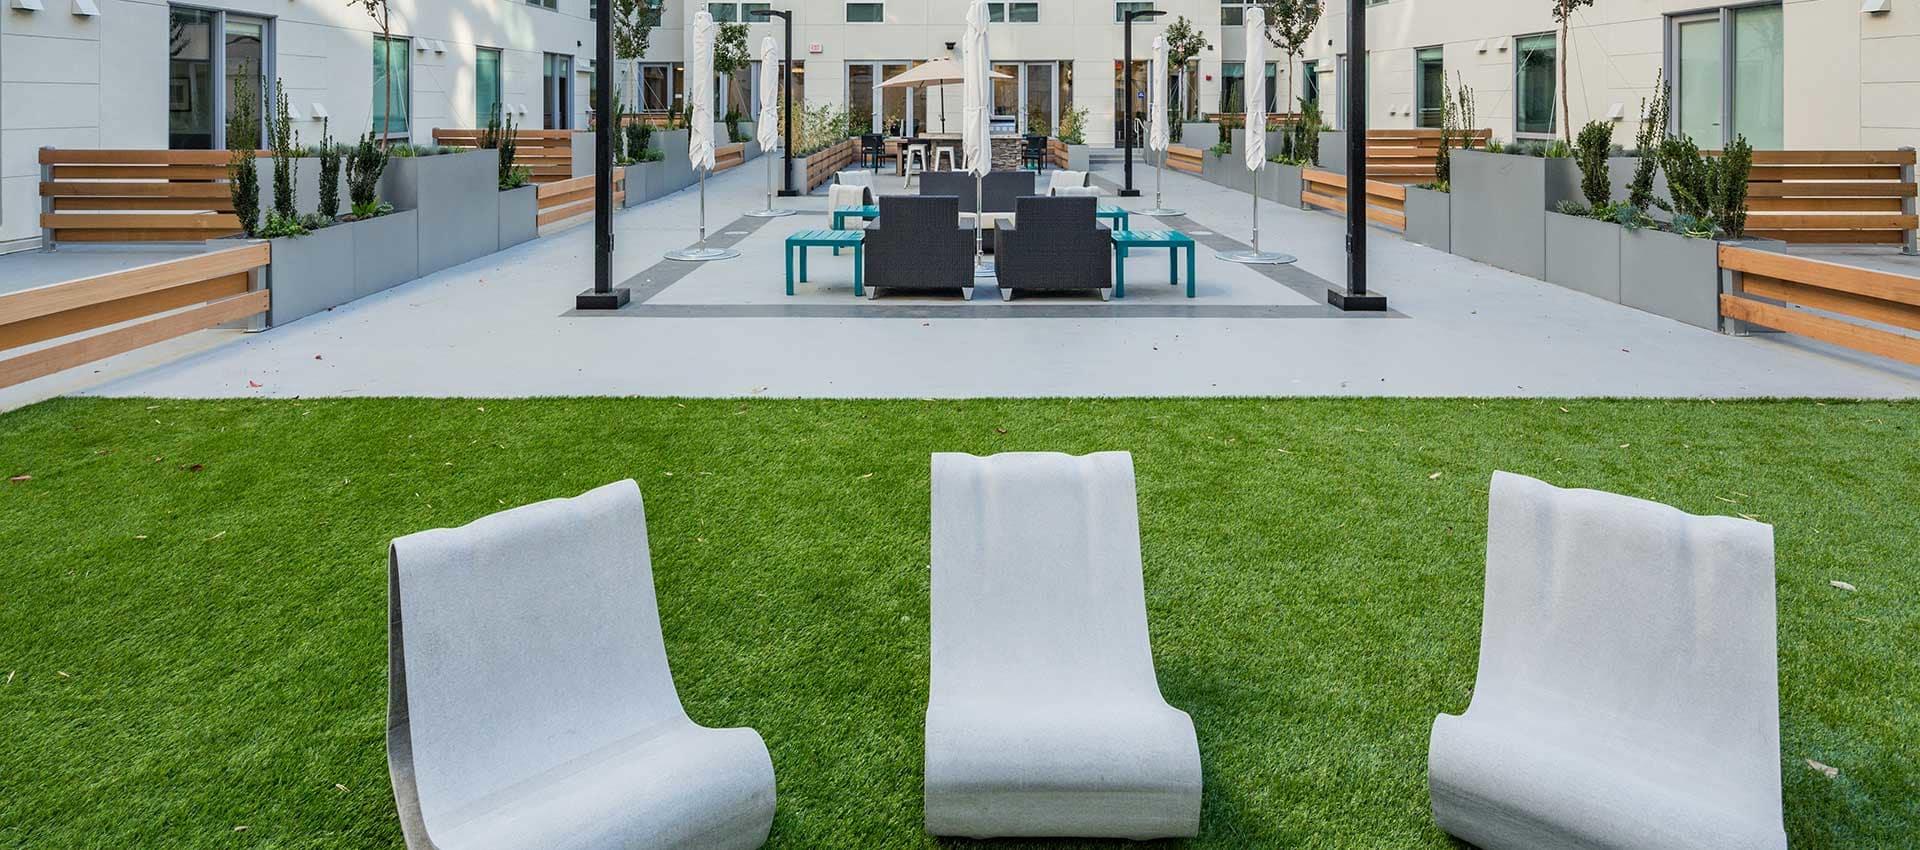 EVIVA Midtown courtyard in Sacramento, California